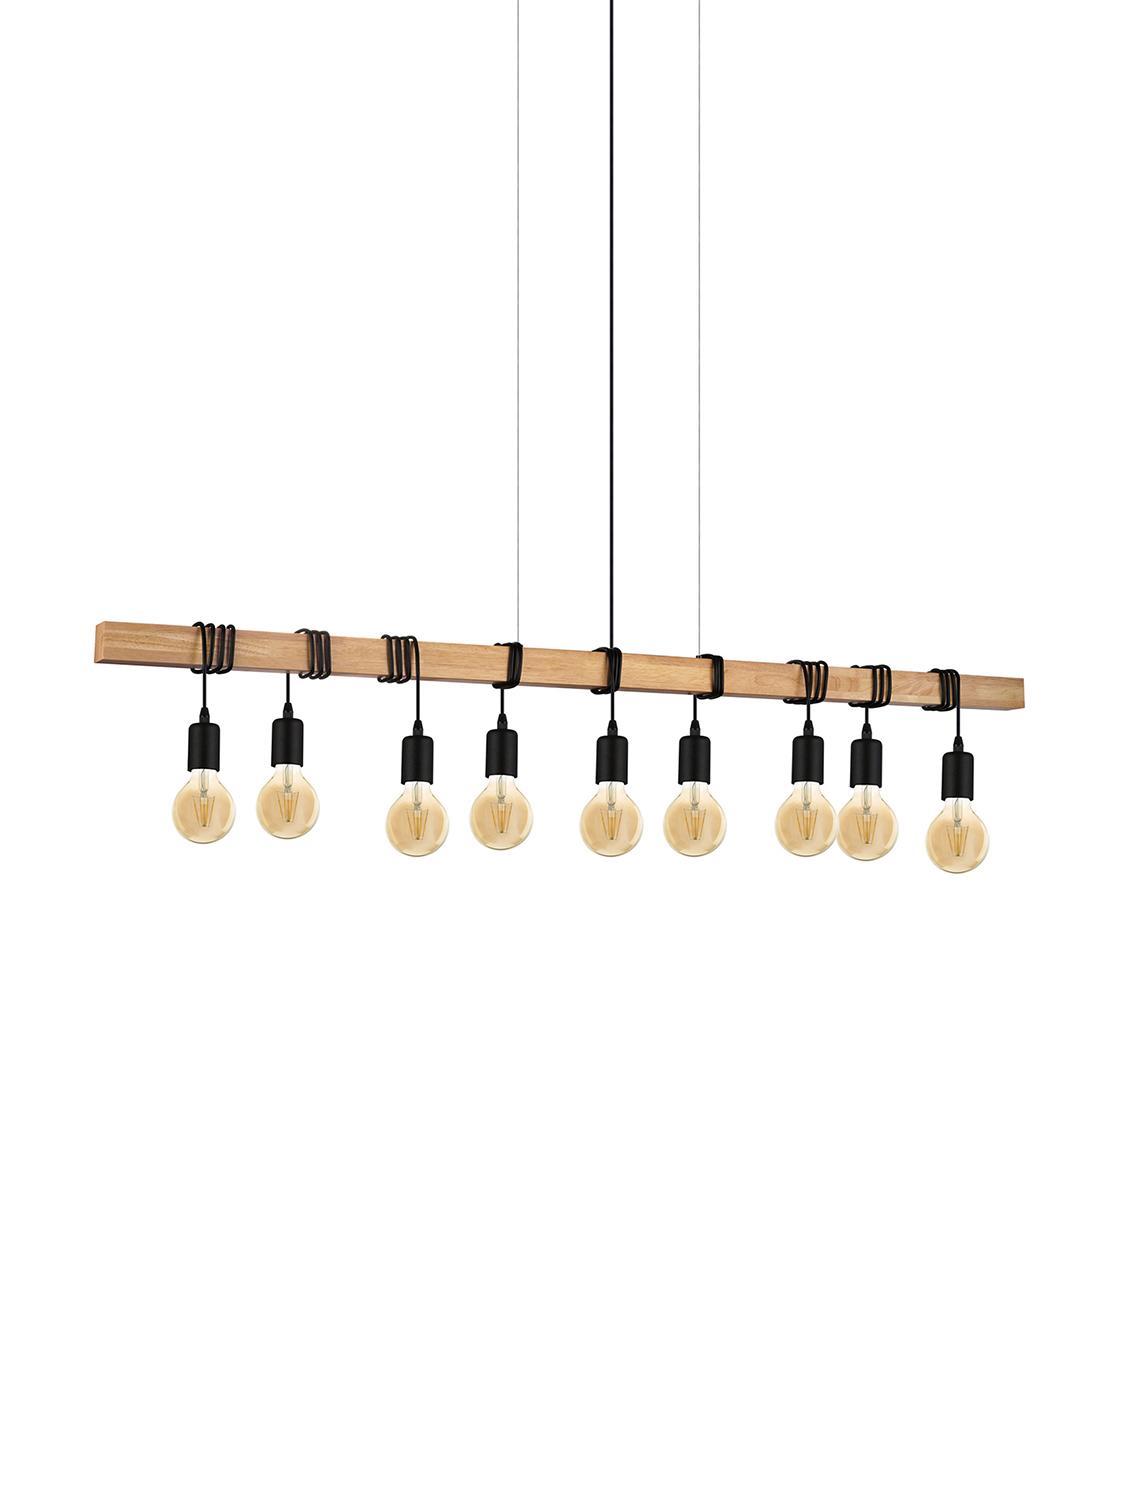 Hanglamp Townshend, Gecoat staal, hout, Zwart, houtkleurig, 150 x 110 cm